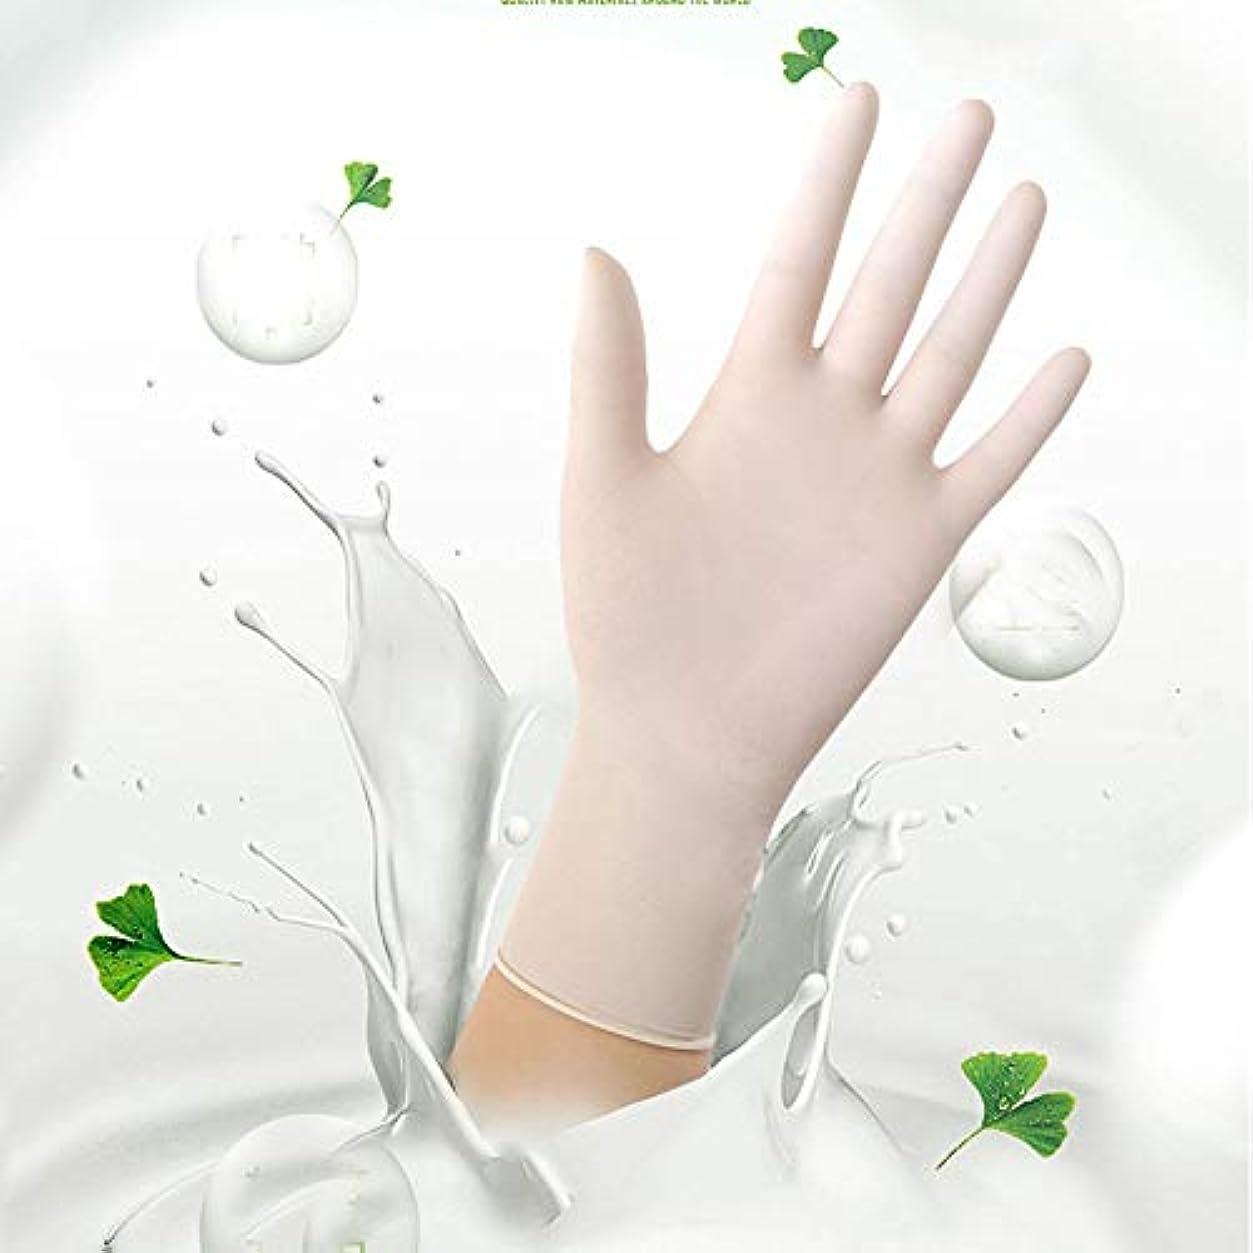 汚いワゴン踏みつけニトリル検査用手袋 - 医療用グレード、パウダーフリー、ラテックスラバーフリー、使い捨て、非滅菌、食品安全、インディゴ色、100カウント、サイズS-L (Color : White, Size : S)